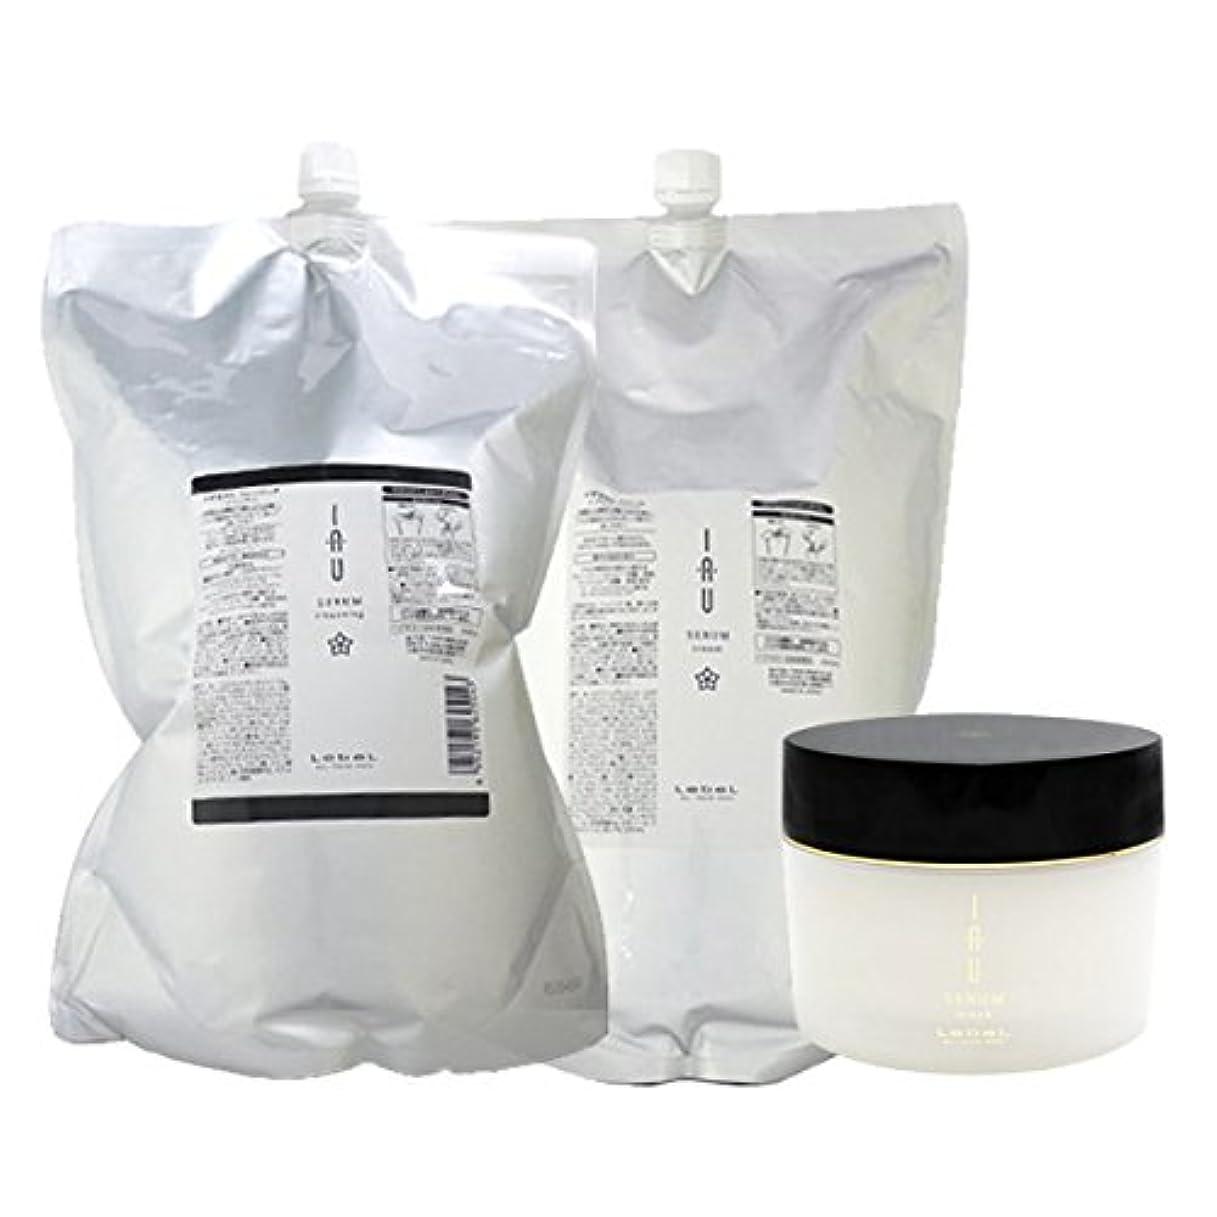 聖人デザート教えルベル イオ セラム クレンジング(シャンプー) 2500mL + クリーム(トリートメント) 2500mL + マスク 170g 3点セット 詰め替え lebel iau serum